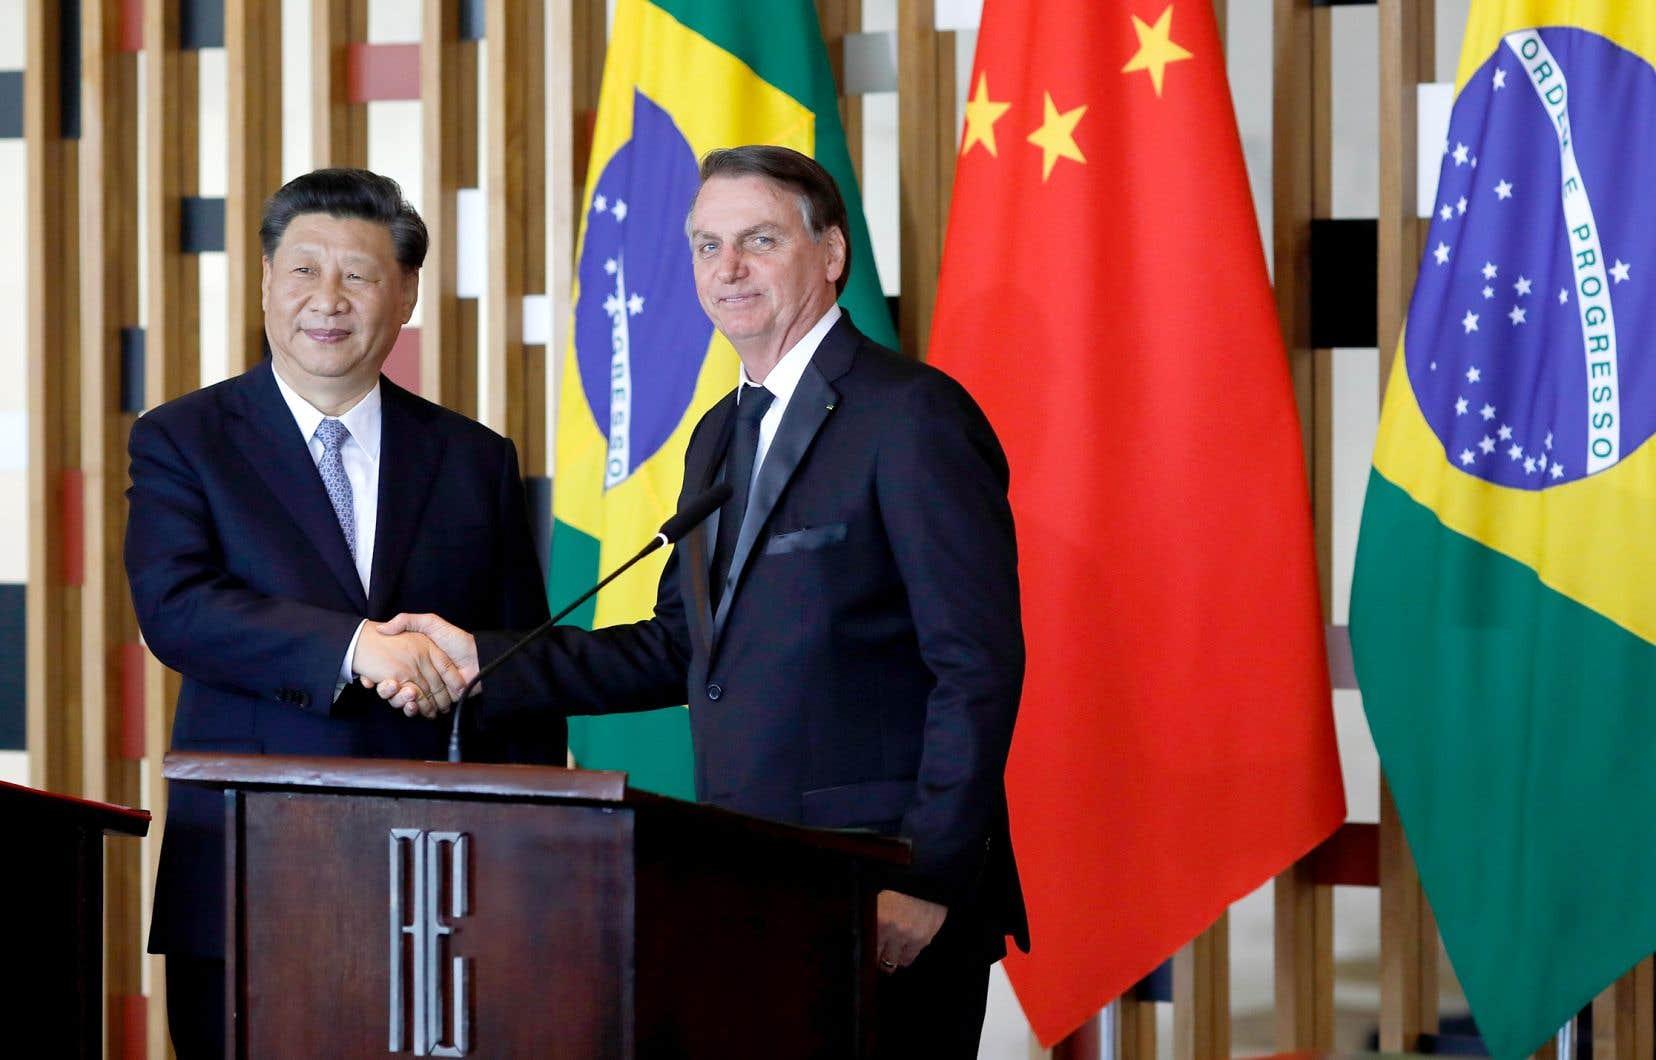 Fervent admirateur de Donald Trump, le président brésilien, Jair Bolsonaro (à droite), a changé radicalement de position à l'égard de la Chine depuis son arrivée au pouvoir en janvier. À ses côtés, le président chinois, Xi Jinping, lors du sommet à Brasília mercredi.